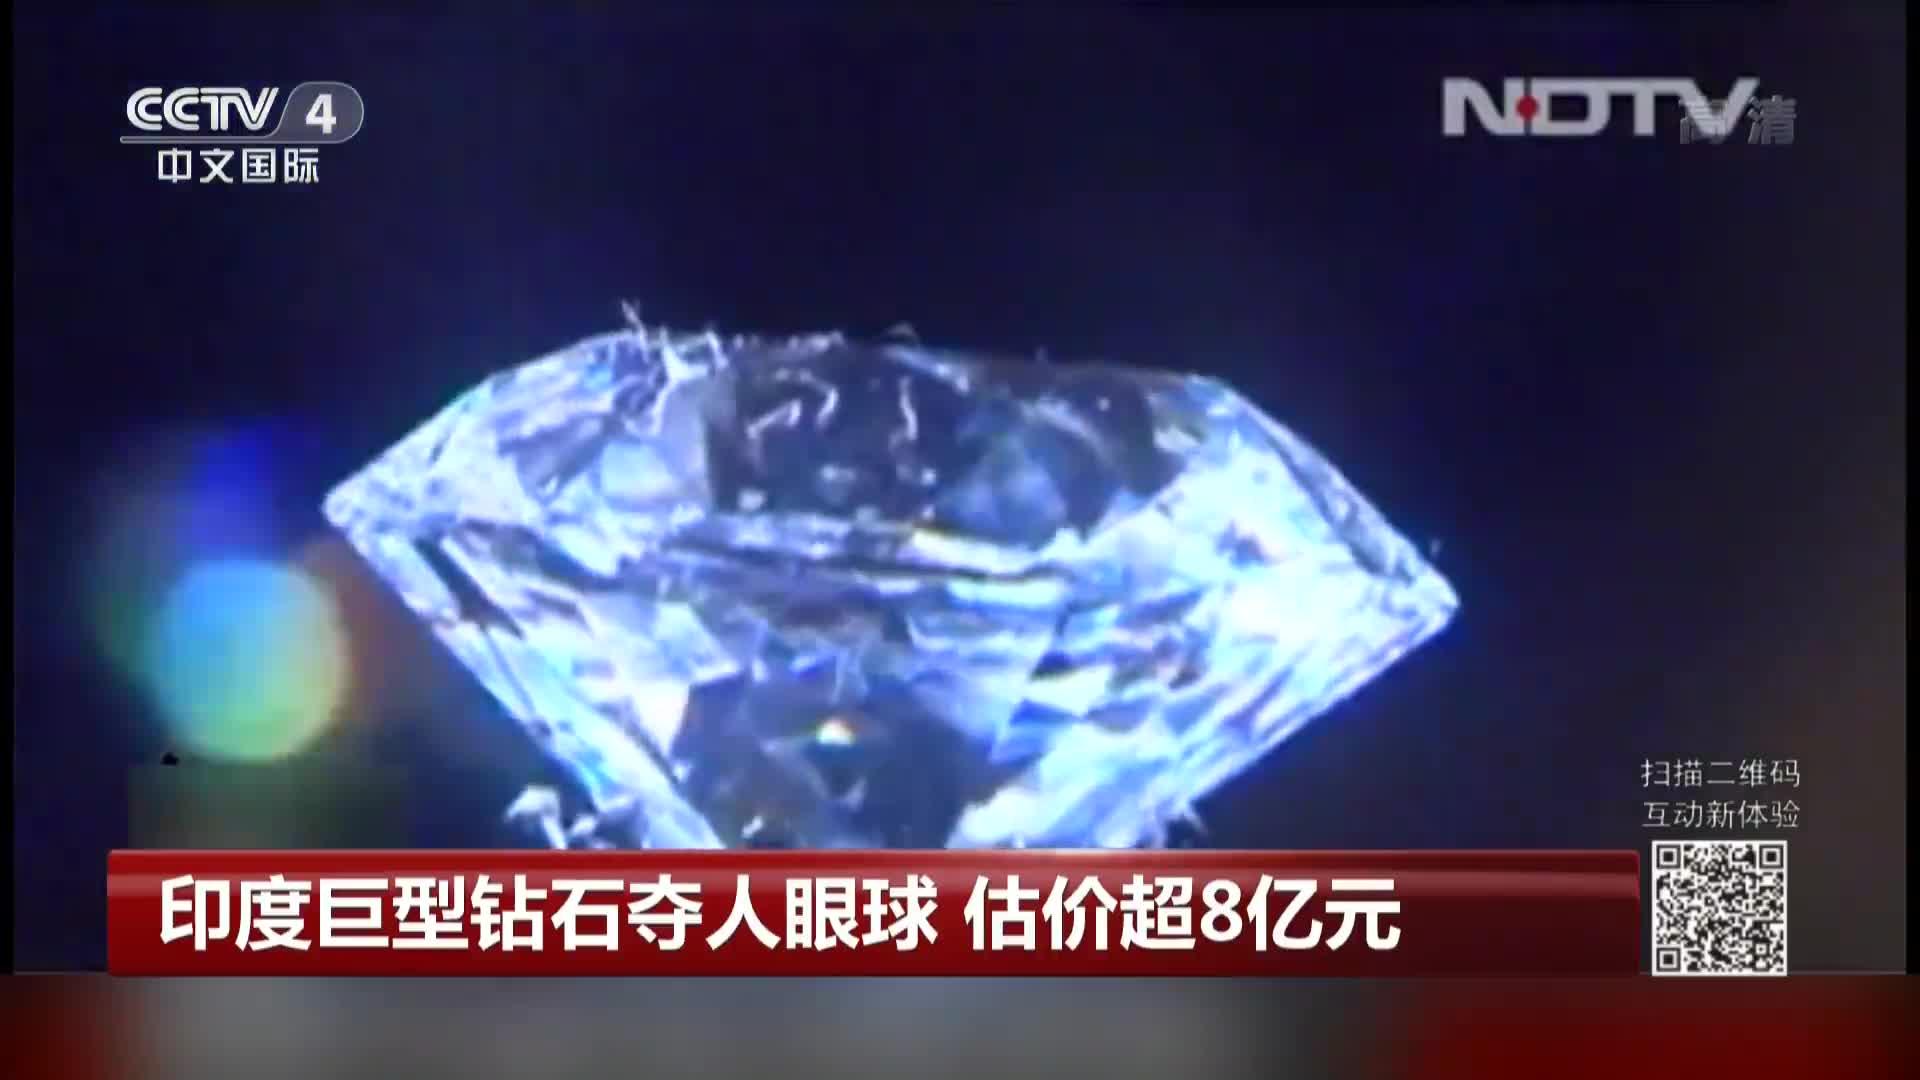 [视频]印度巨型钻石夺人眼球 估价超8亿元